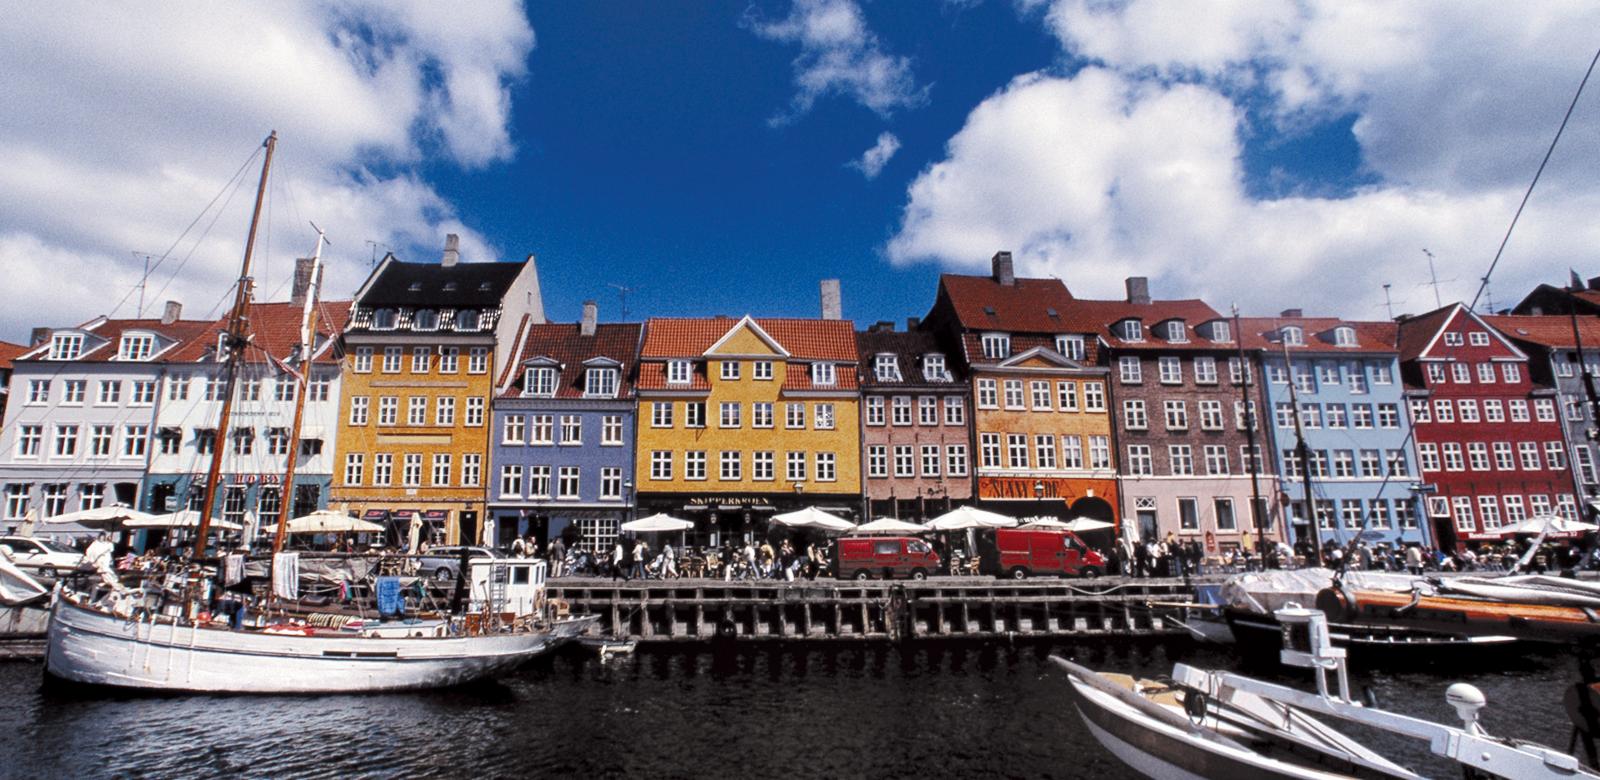 Nyhavn kan blive rammen for et longdistance race i hjertet af København.